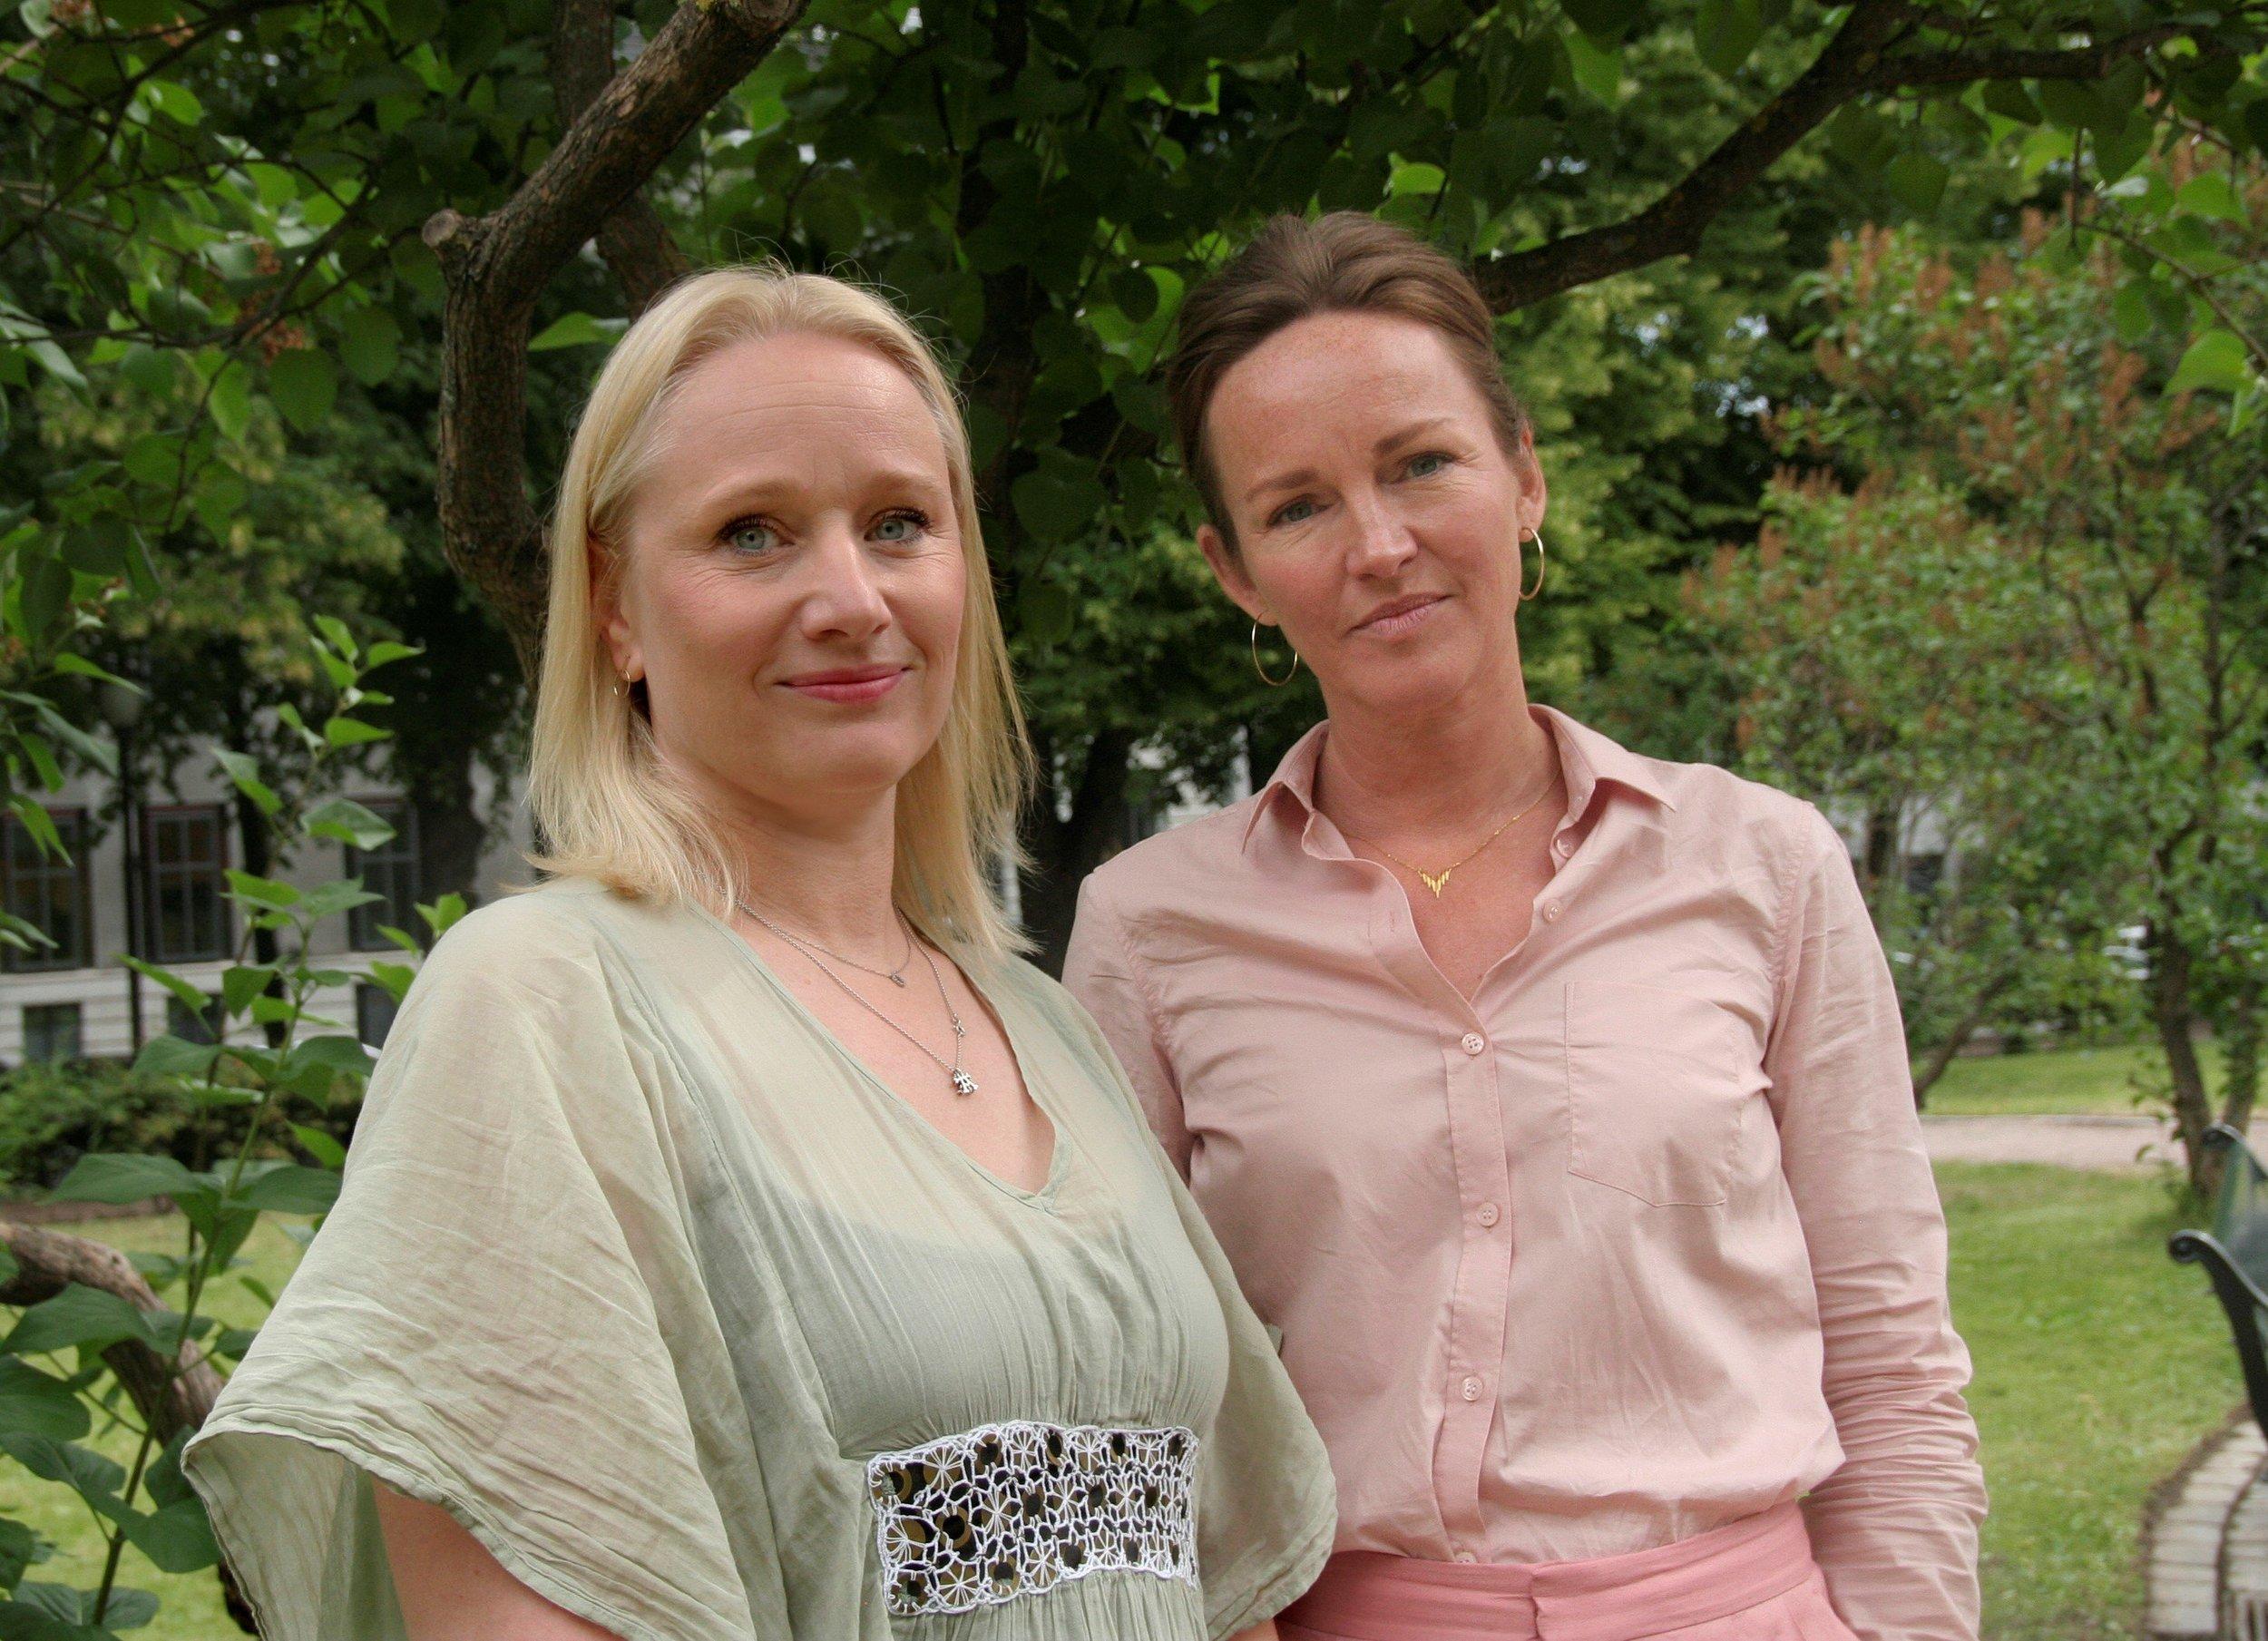 Talent Norges Maria M. Jørstad og Norsk filminstitutts Stine Helgeland. Foto: Ida Meyn